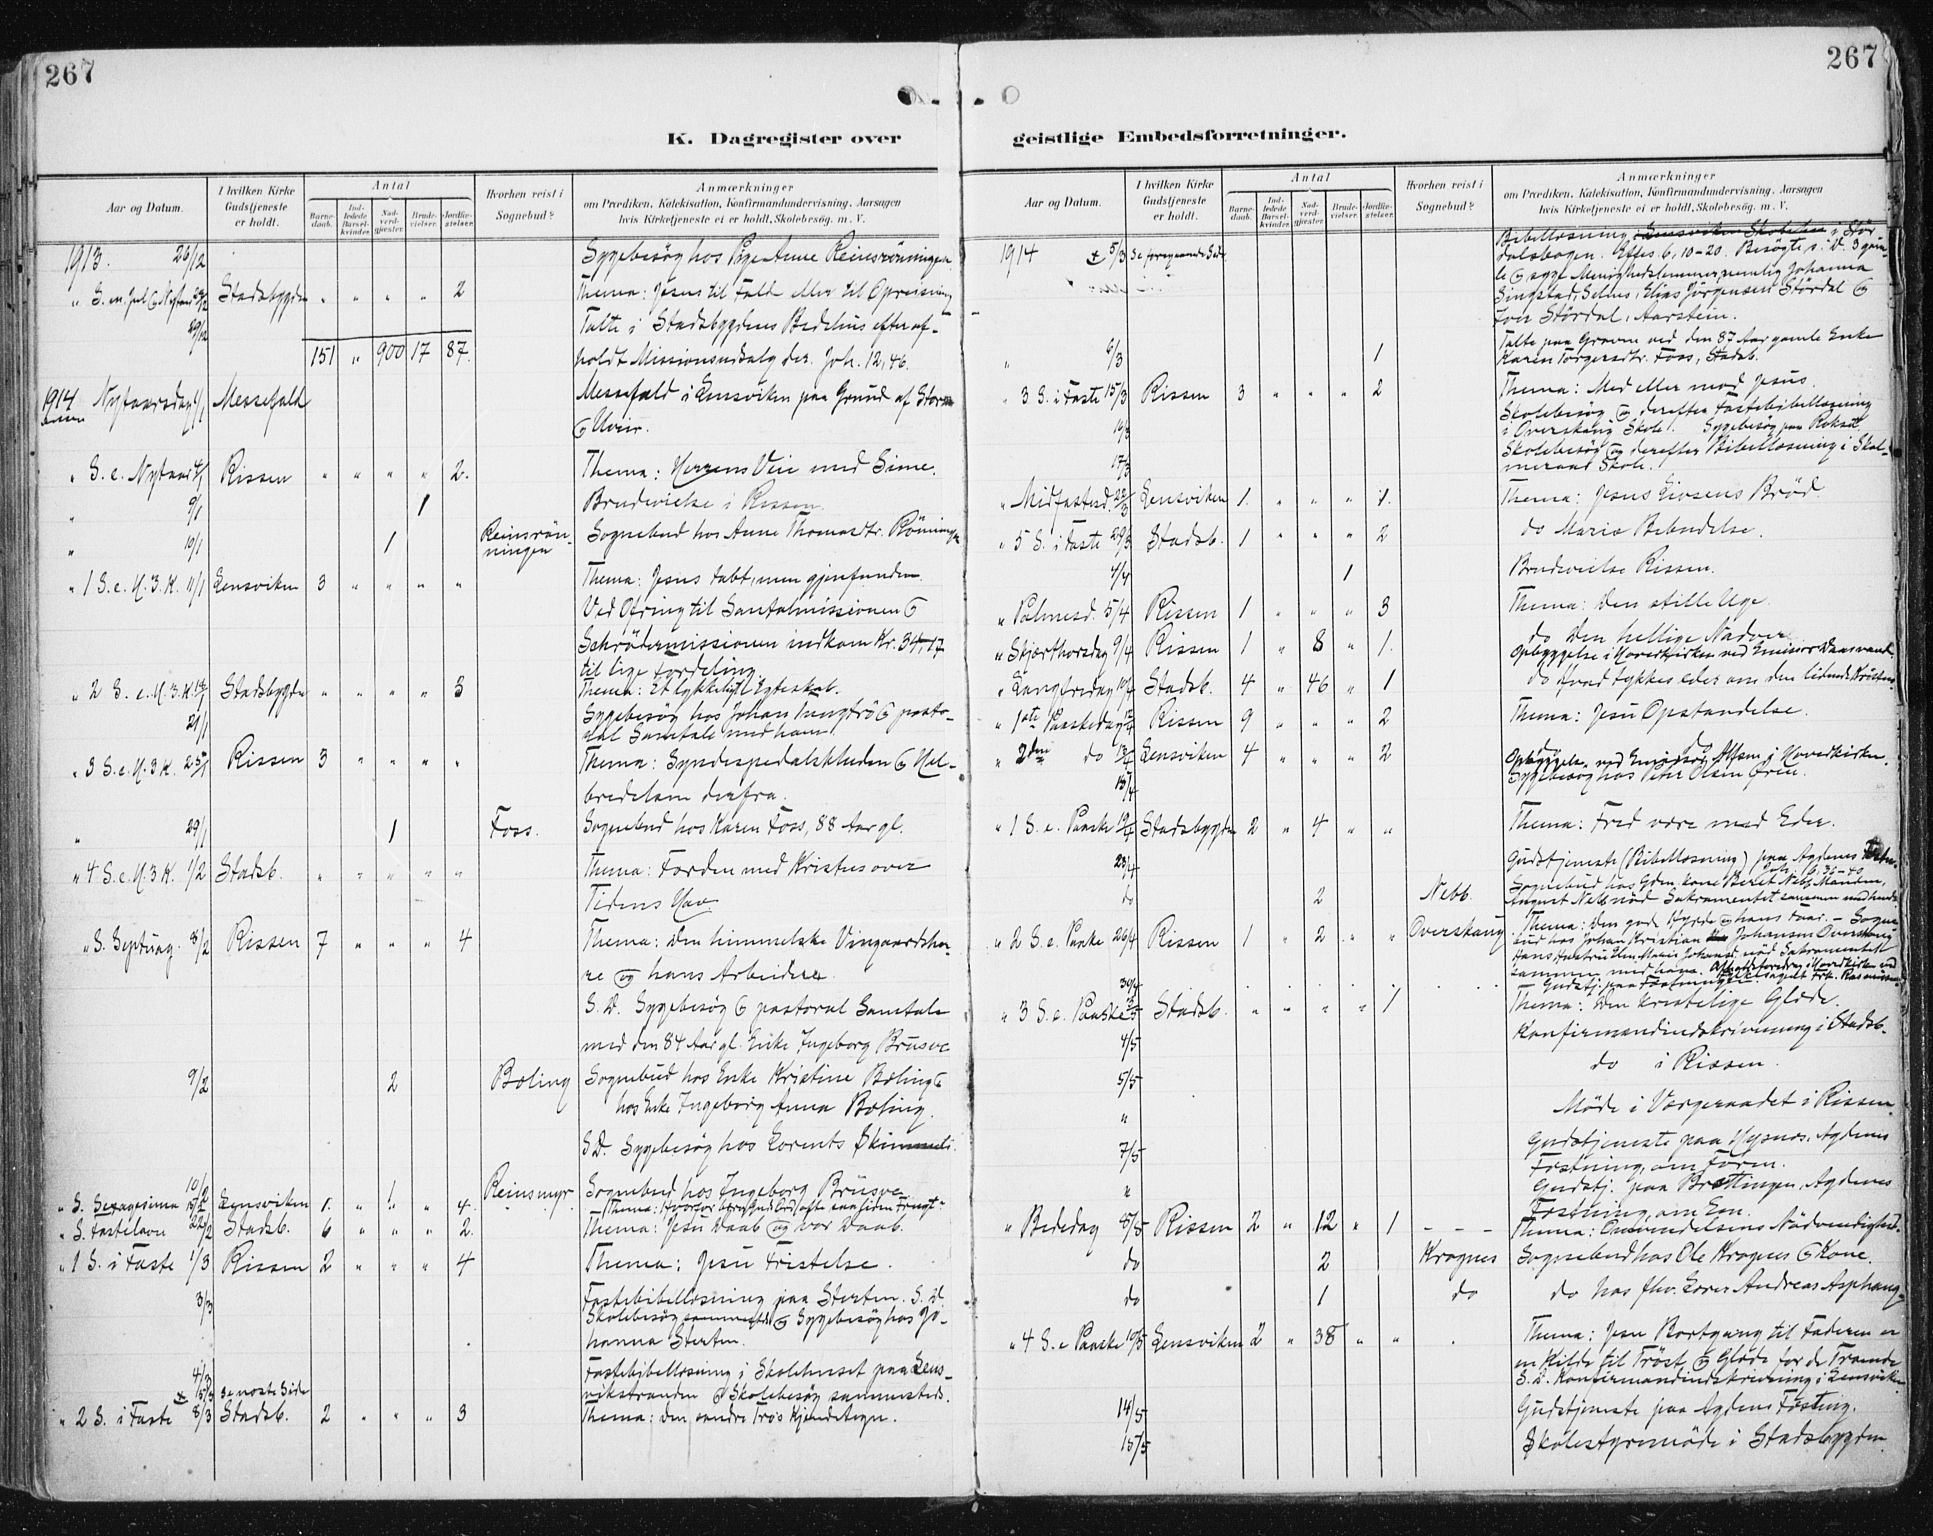 SAT, Ministerialprotokoller, klokkerbøker og fødselsregistre - Sør-Trøndelag, 646/L0616: Ministerialbok nr. 646A14, 1900-1918, s. 267